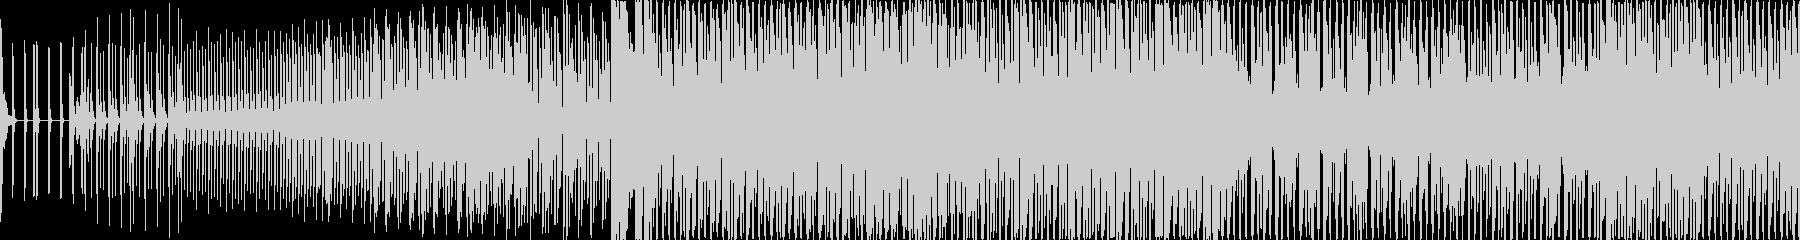 80音。ピアノとシンセのクレッシェ...の未再生の波形